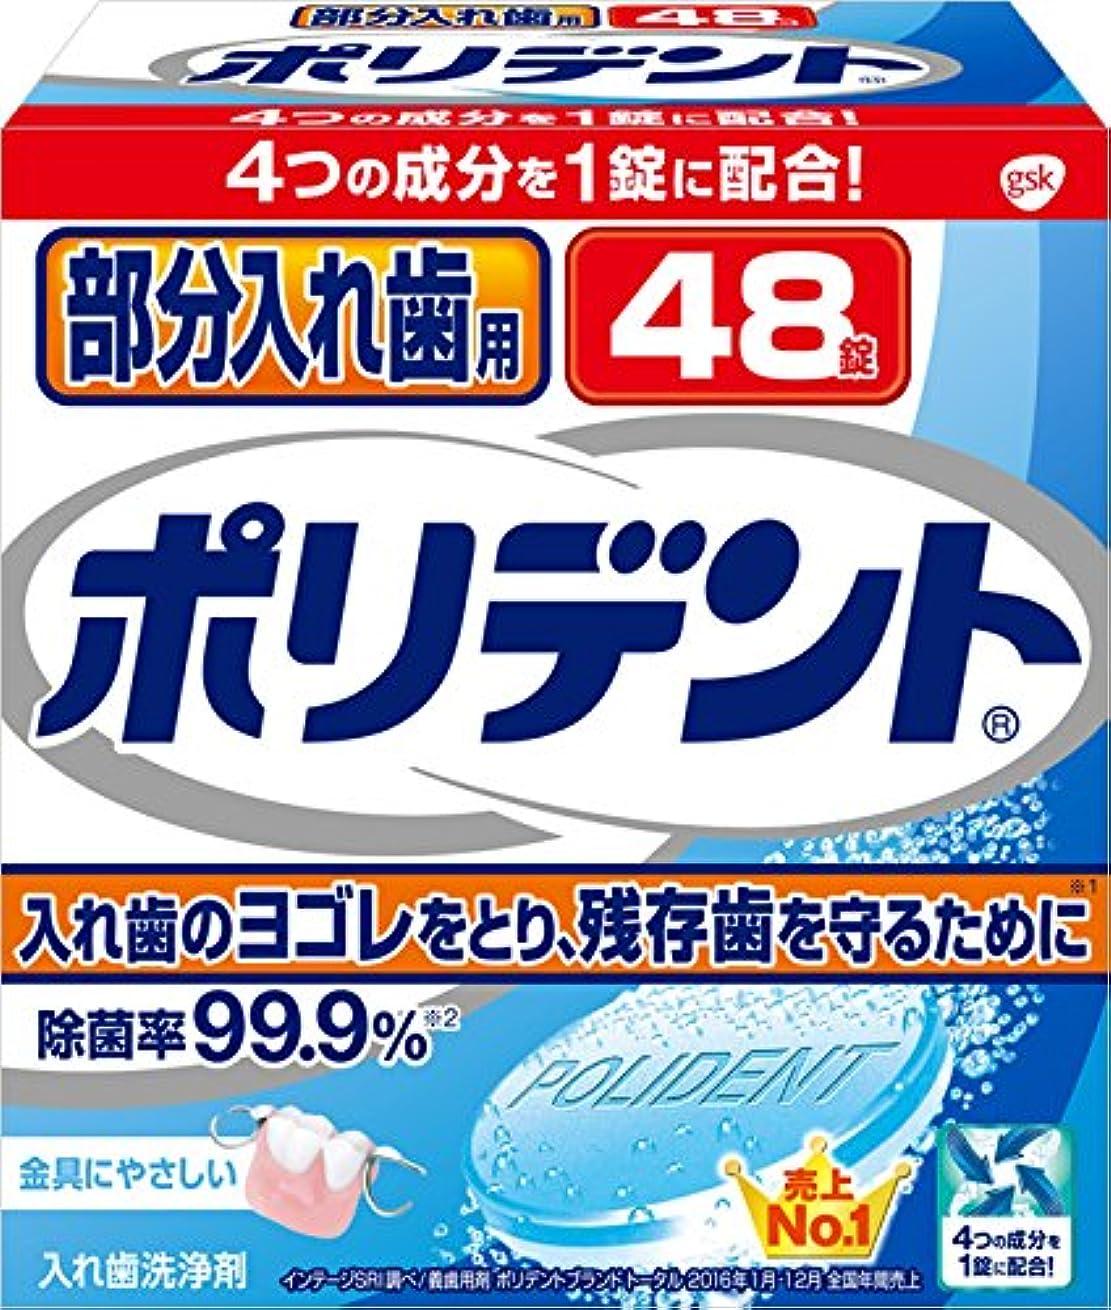 傾くバッフル解放入れ歯洗浄剤 部分入れ歯用 ポリデント 48錠